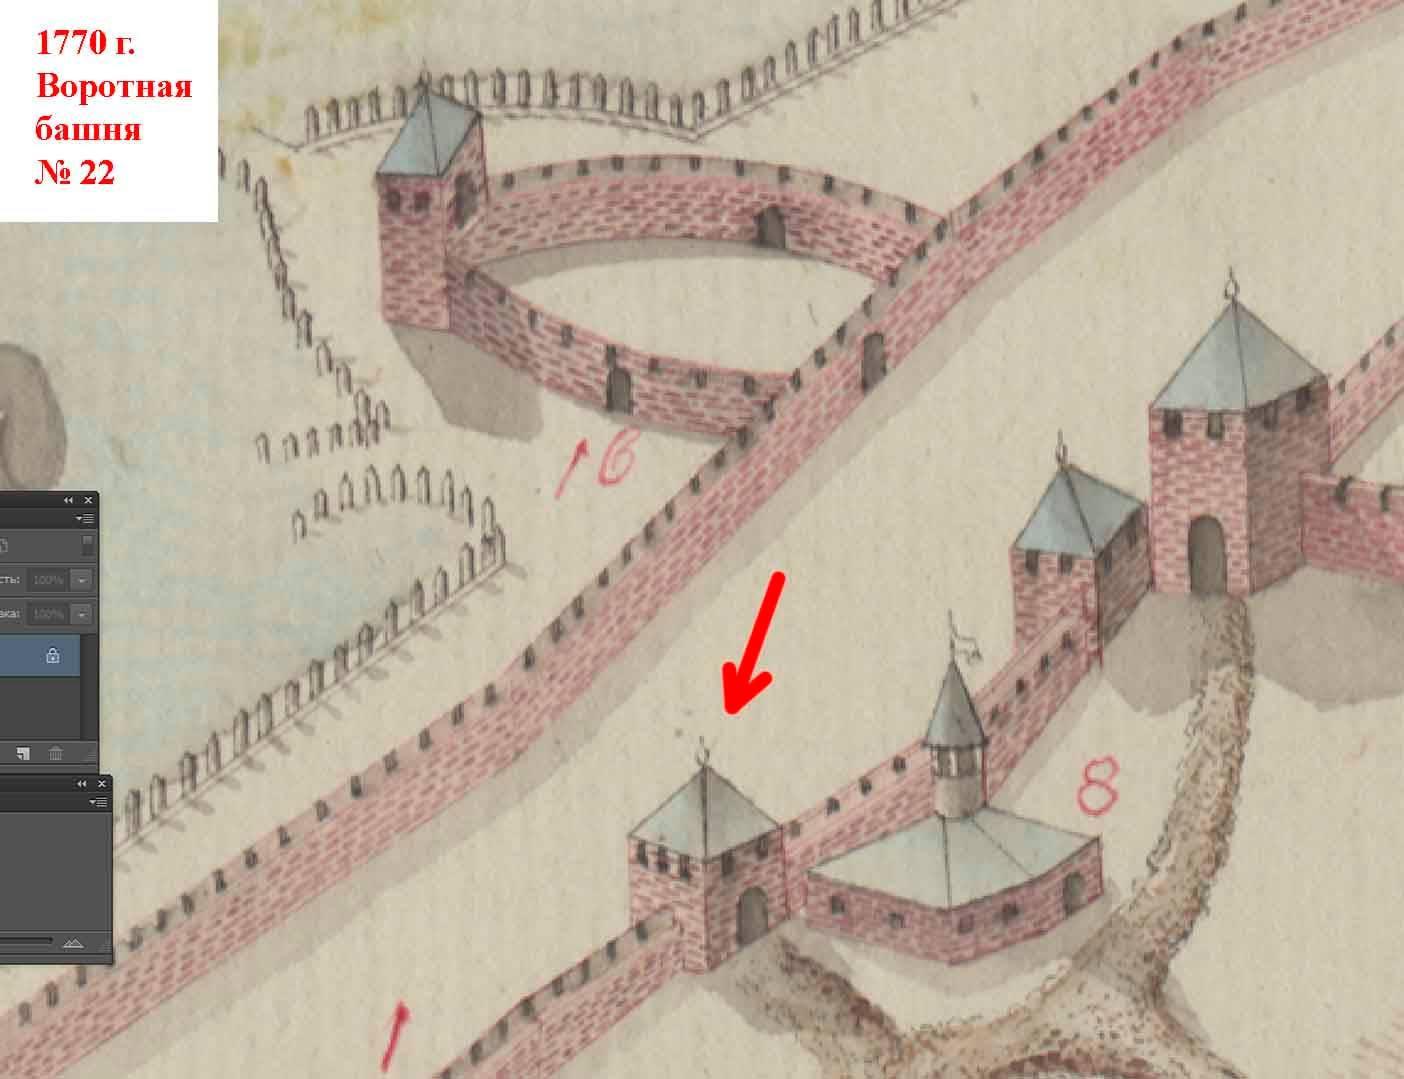 Дыра в верхней части стены воротной башни: Аккерманской крепости грозит разрушение